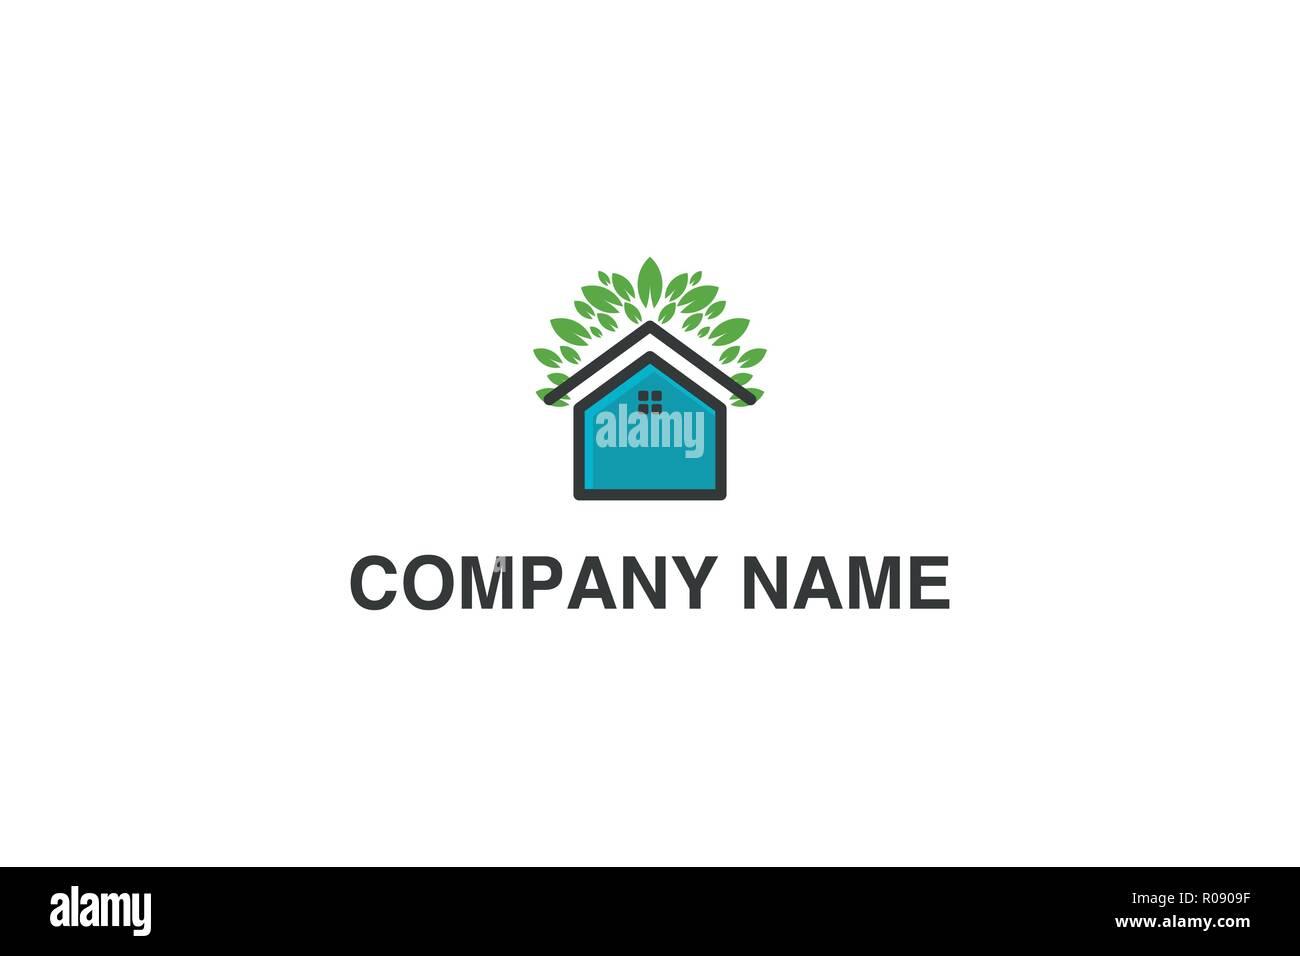 Haus und grünes Blatt, Eco house Logo Designs Inspiration isoliert